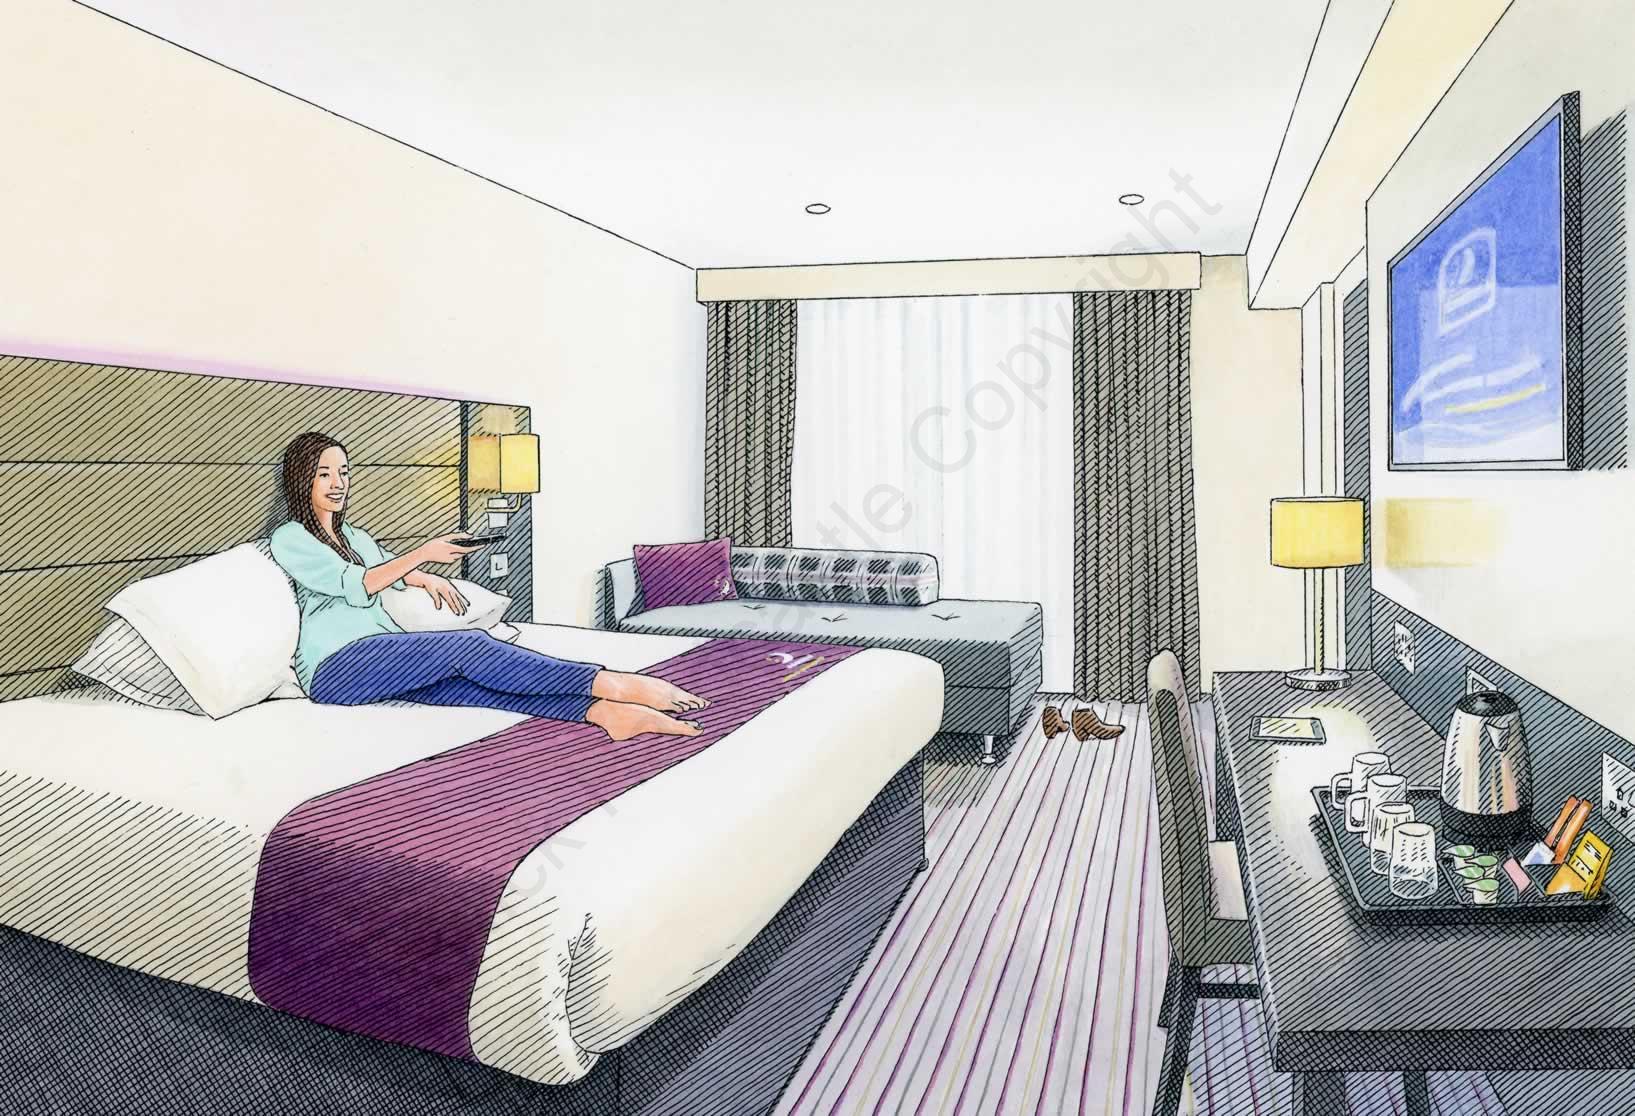 Premier Inn room-Golin